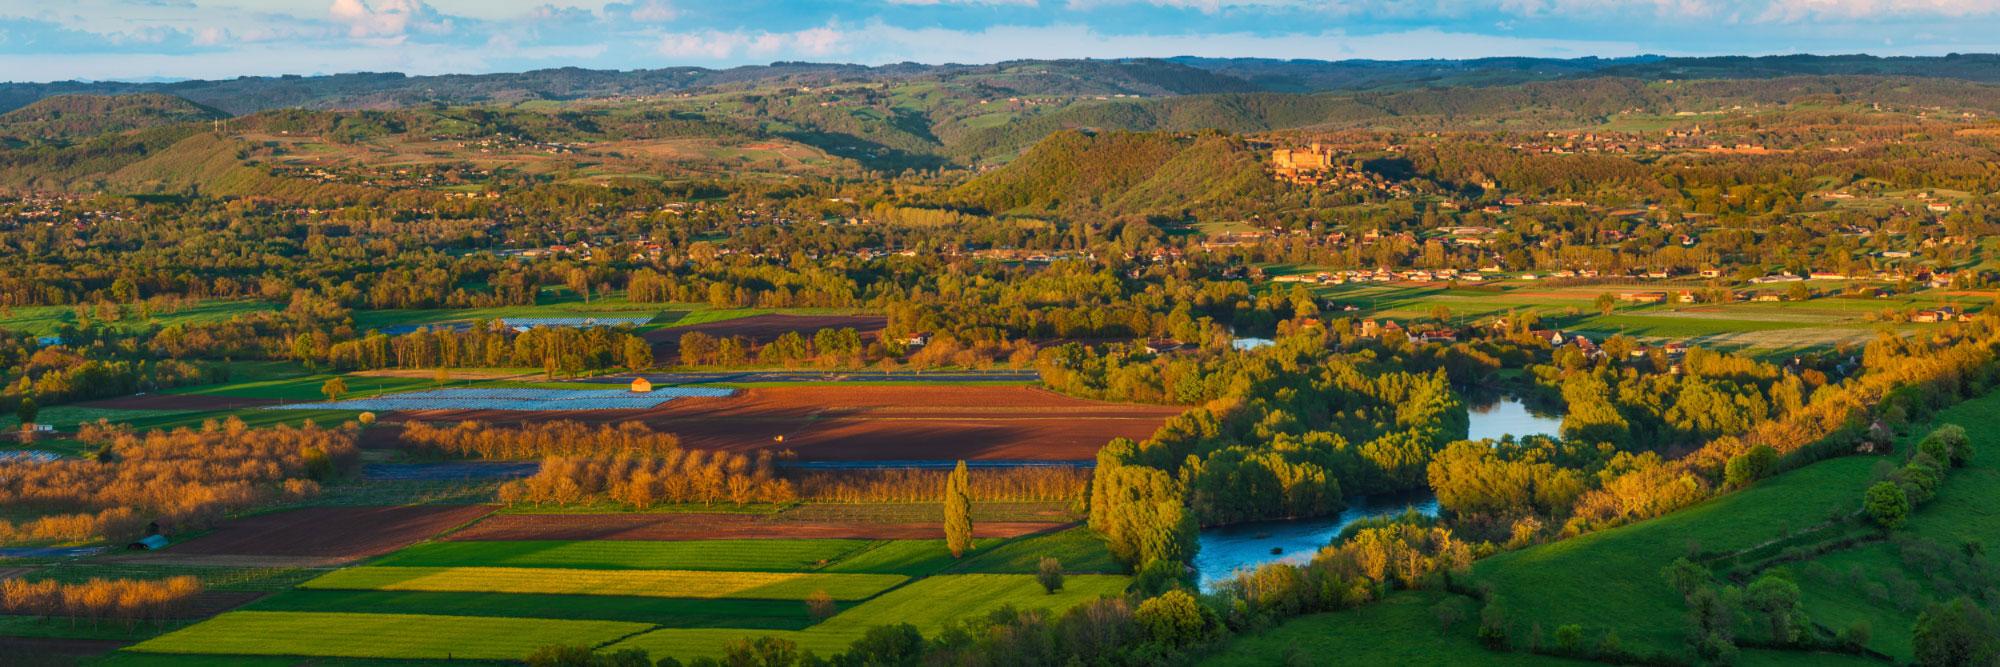 7-14812-france-lot-la-dordogne-vers-gintrac-des-ruines-du-chateau-de-taillefer-panorama-sentucq-h